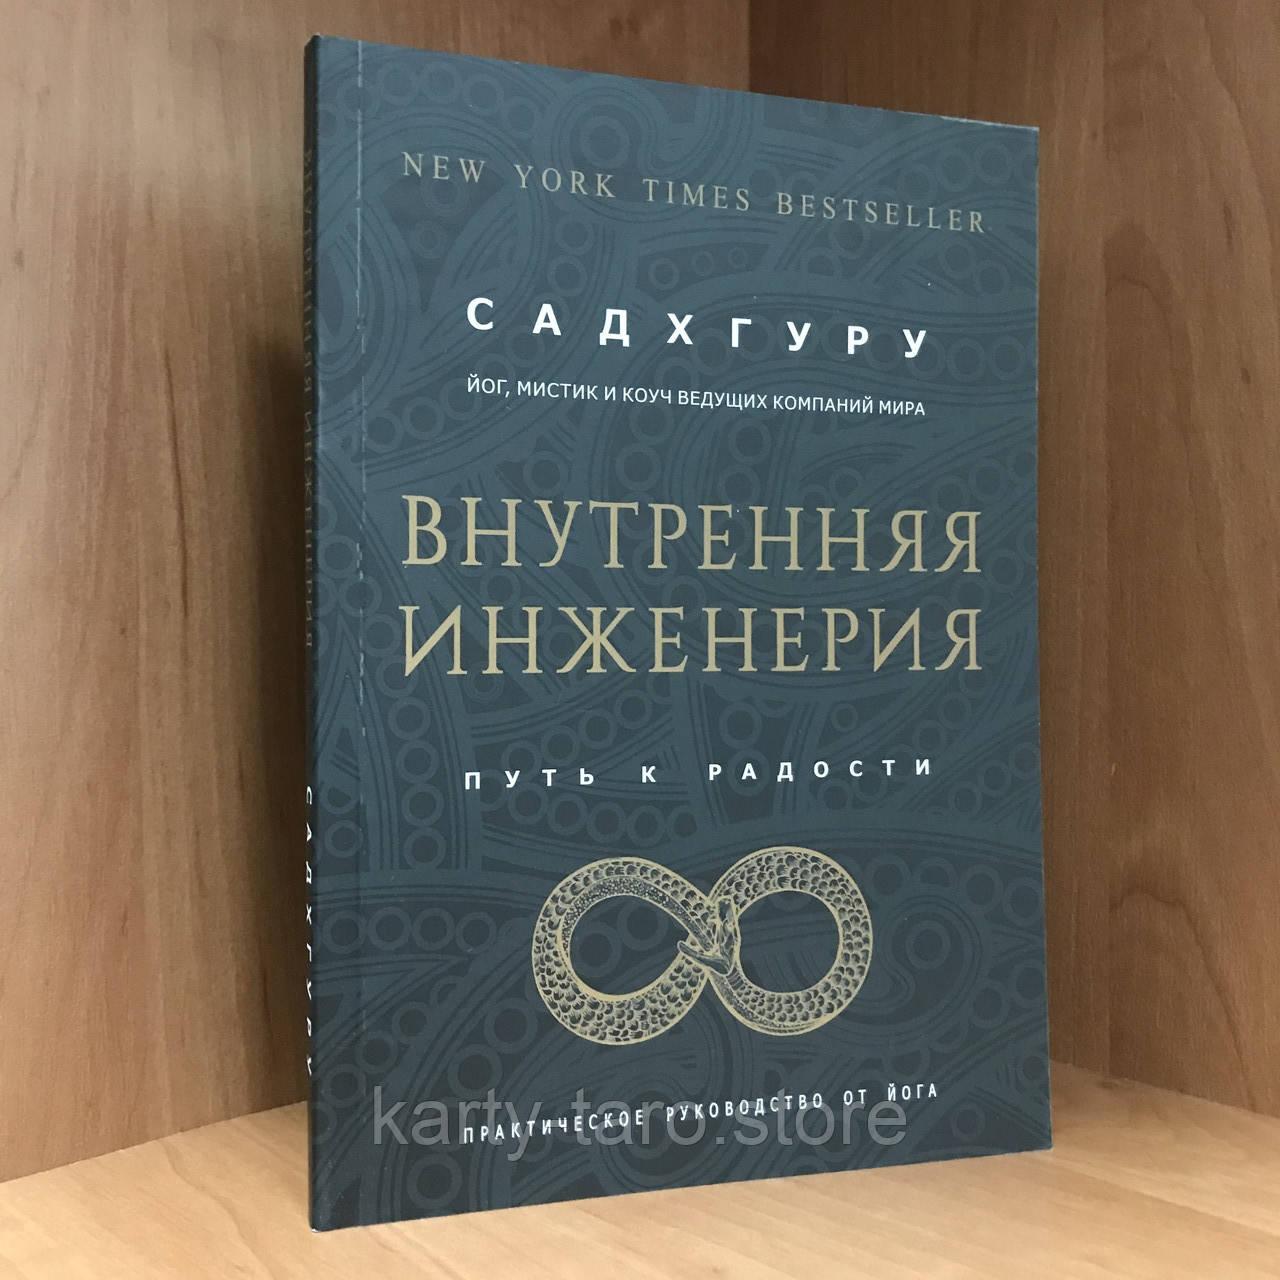 Книга Внутренняя инженерия. Путь к радости. Практическое руководство от йога Садхгуру